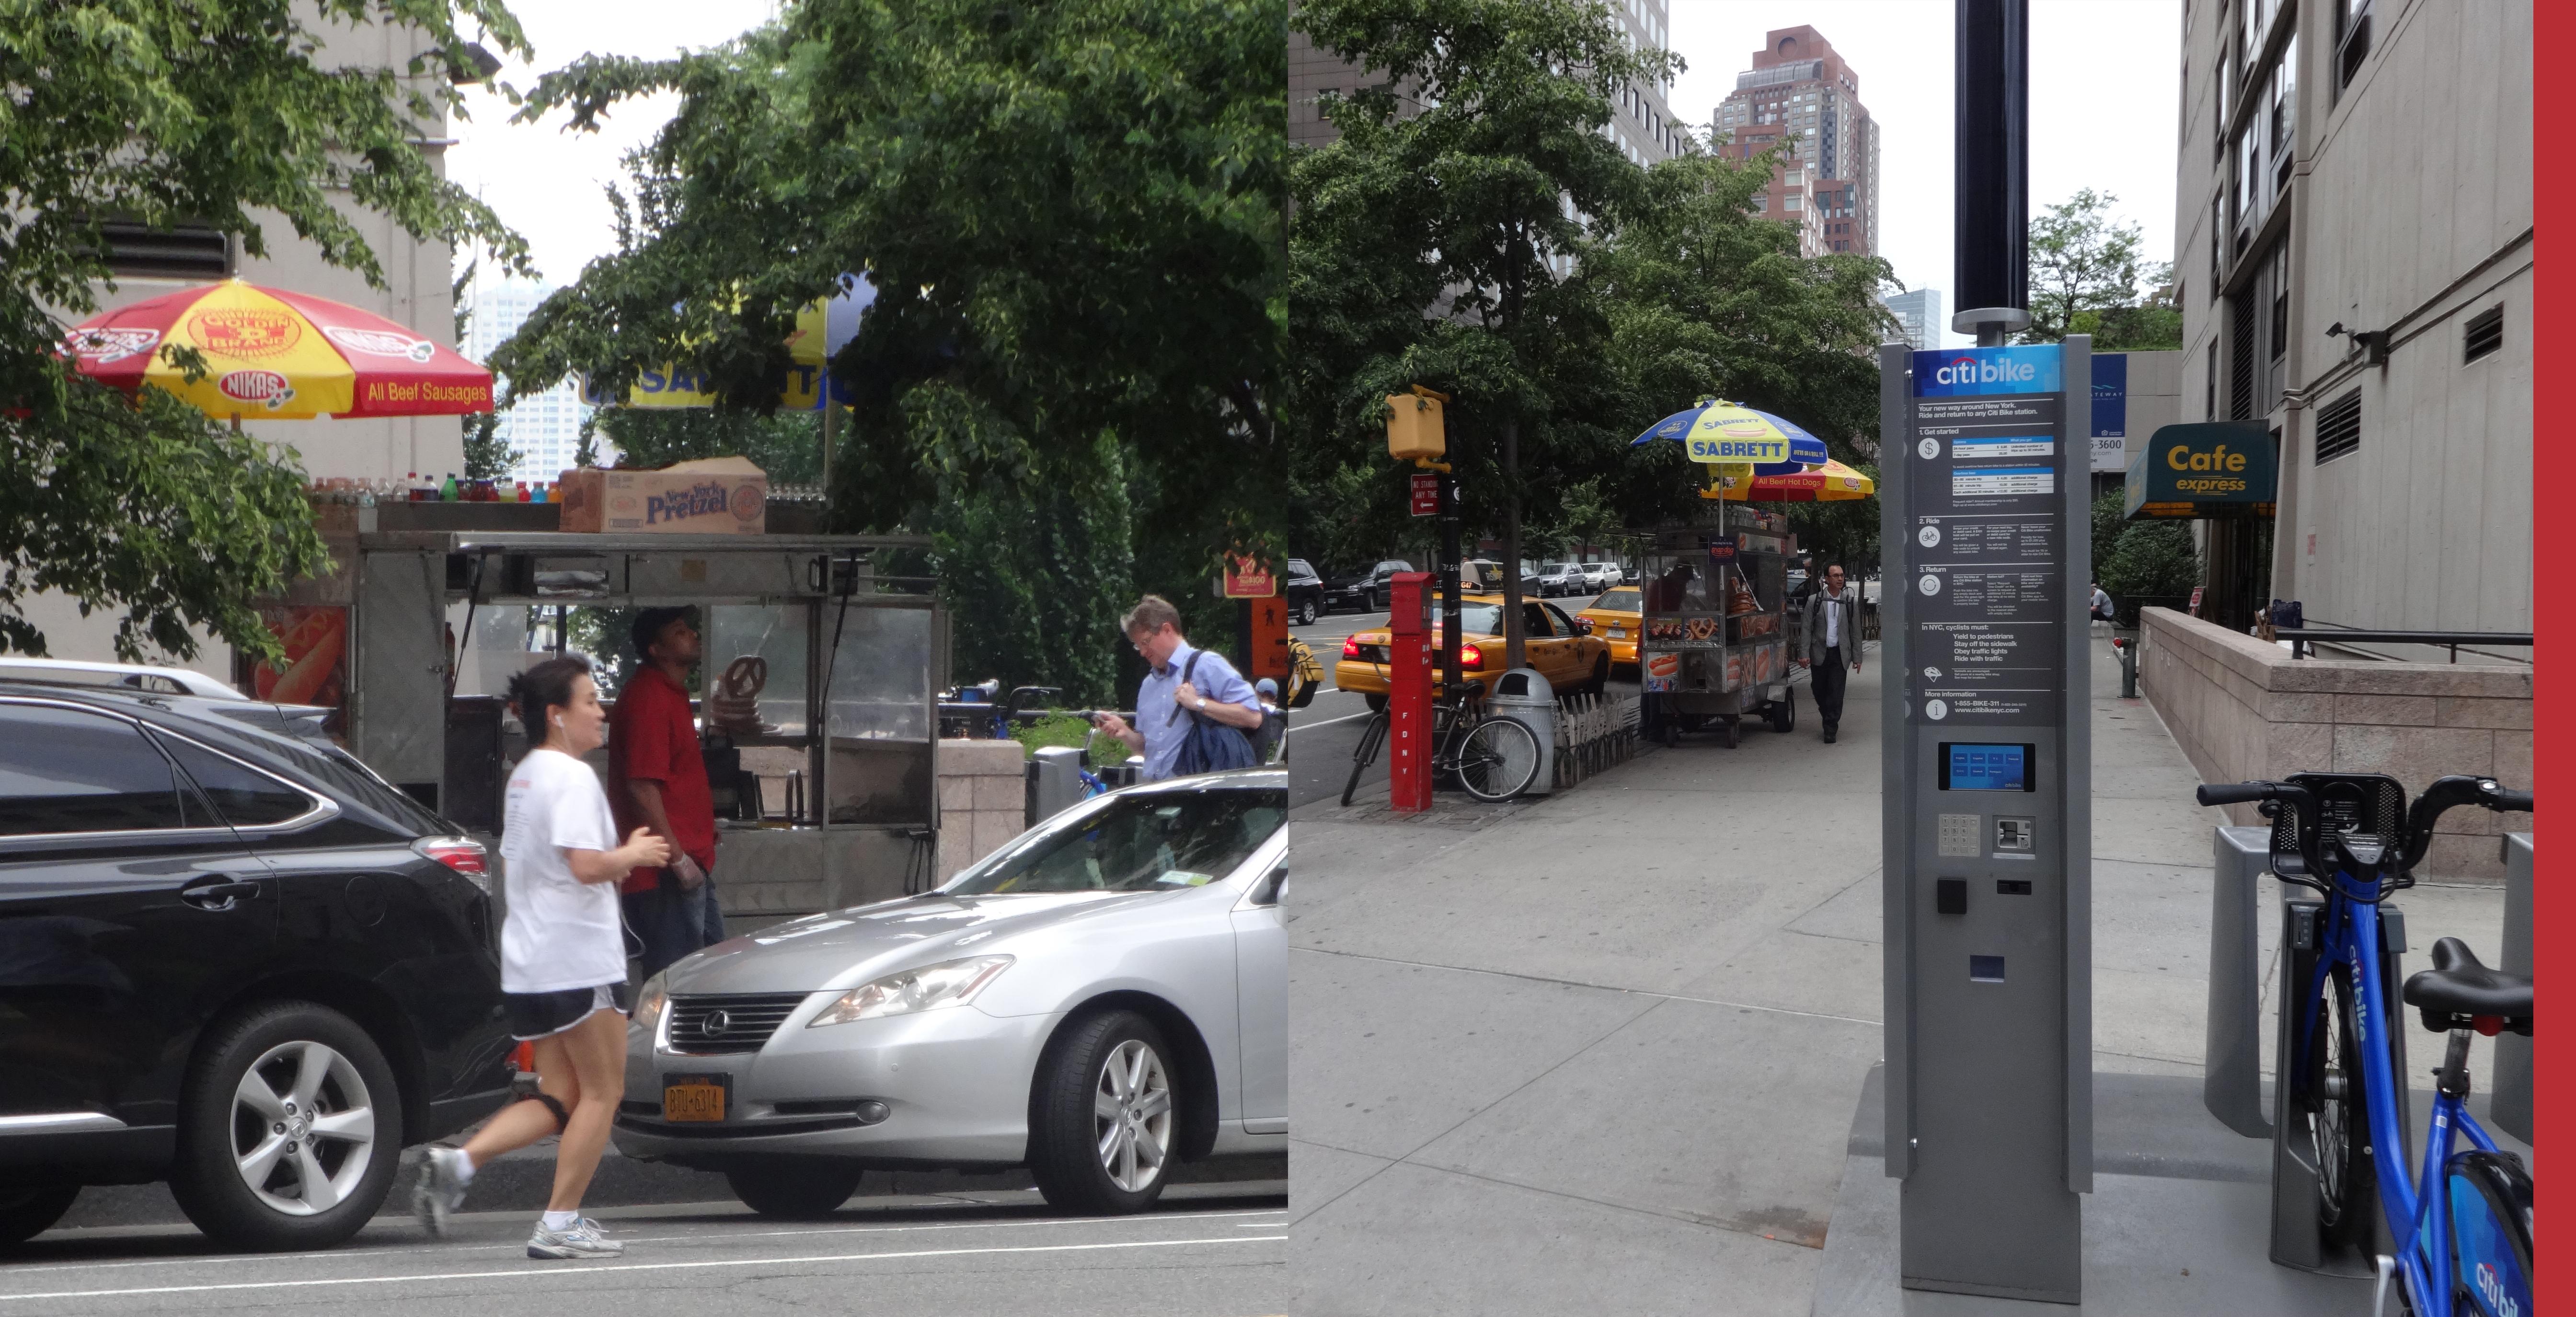 Hot dog vendor at Liberty and South End